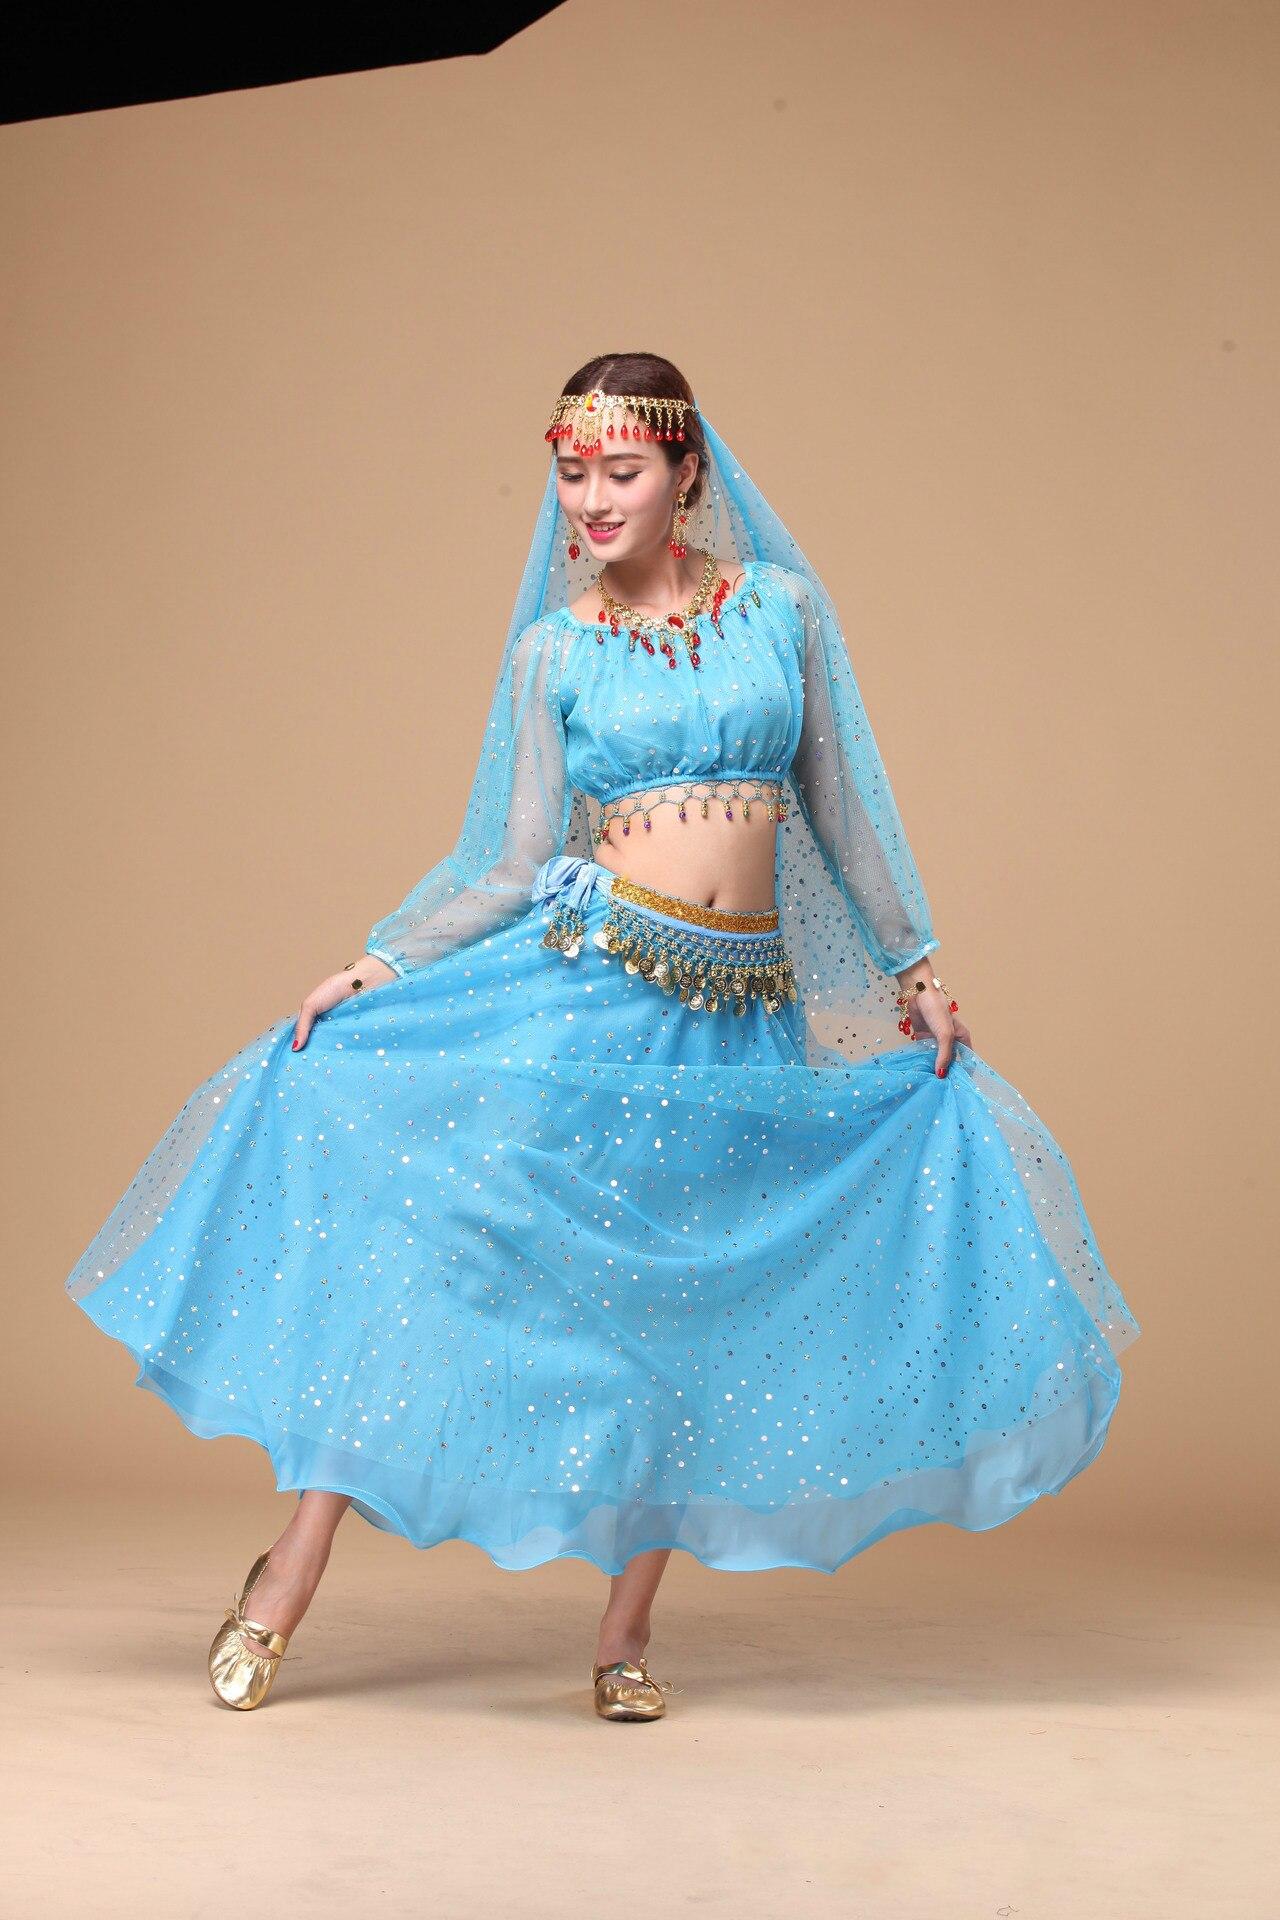 Ensembles de costumes de danse du ventre pour femmes pour la compétition 8 pièces/ensemble robe de danse du ventre dame Costume de danse indienne danseur du ventre porter des vêtements